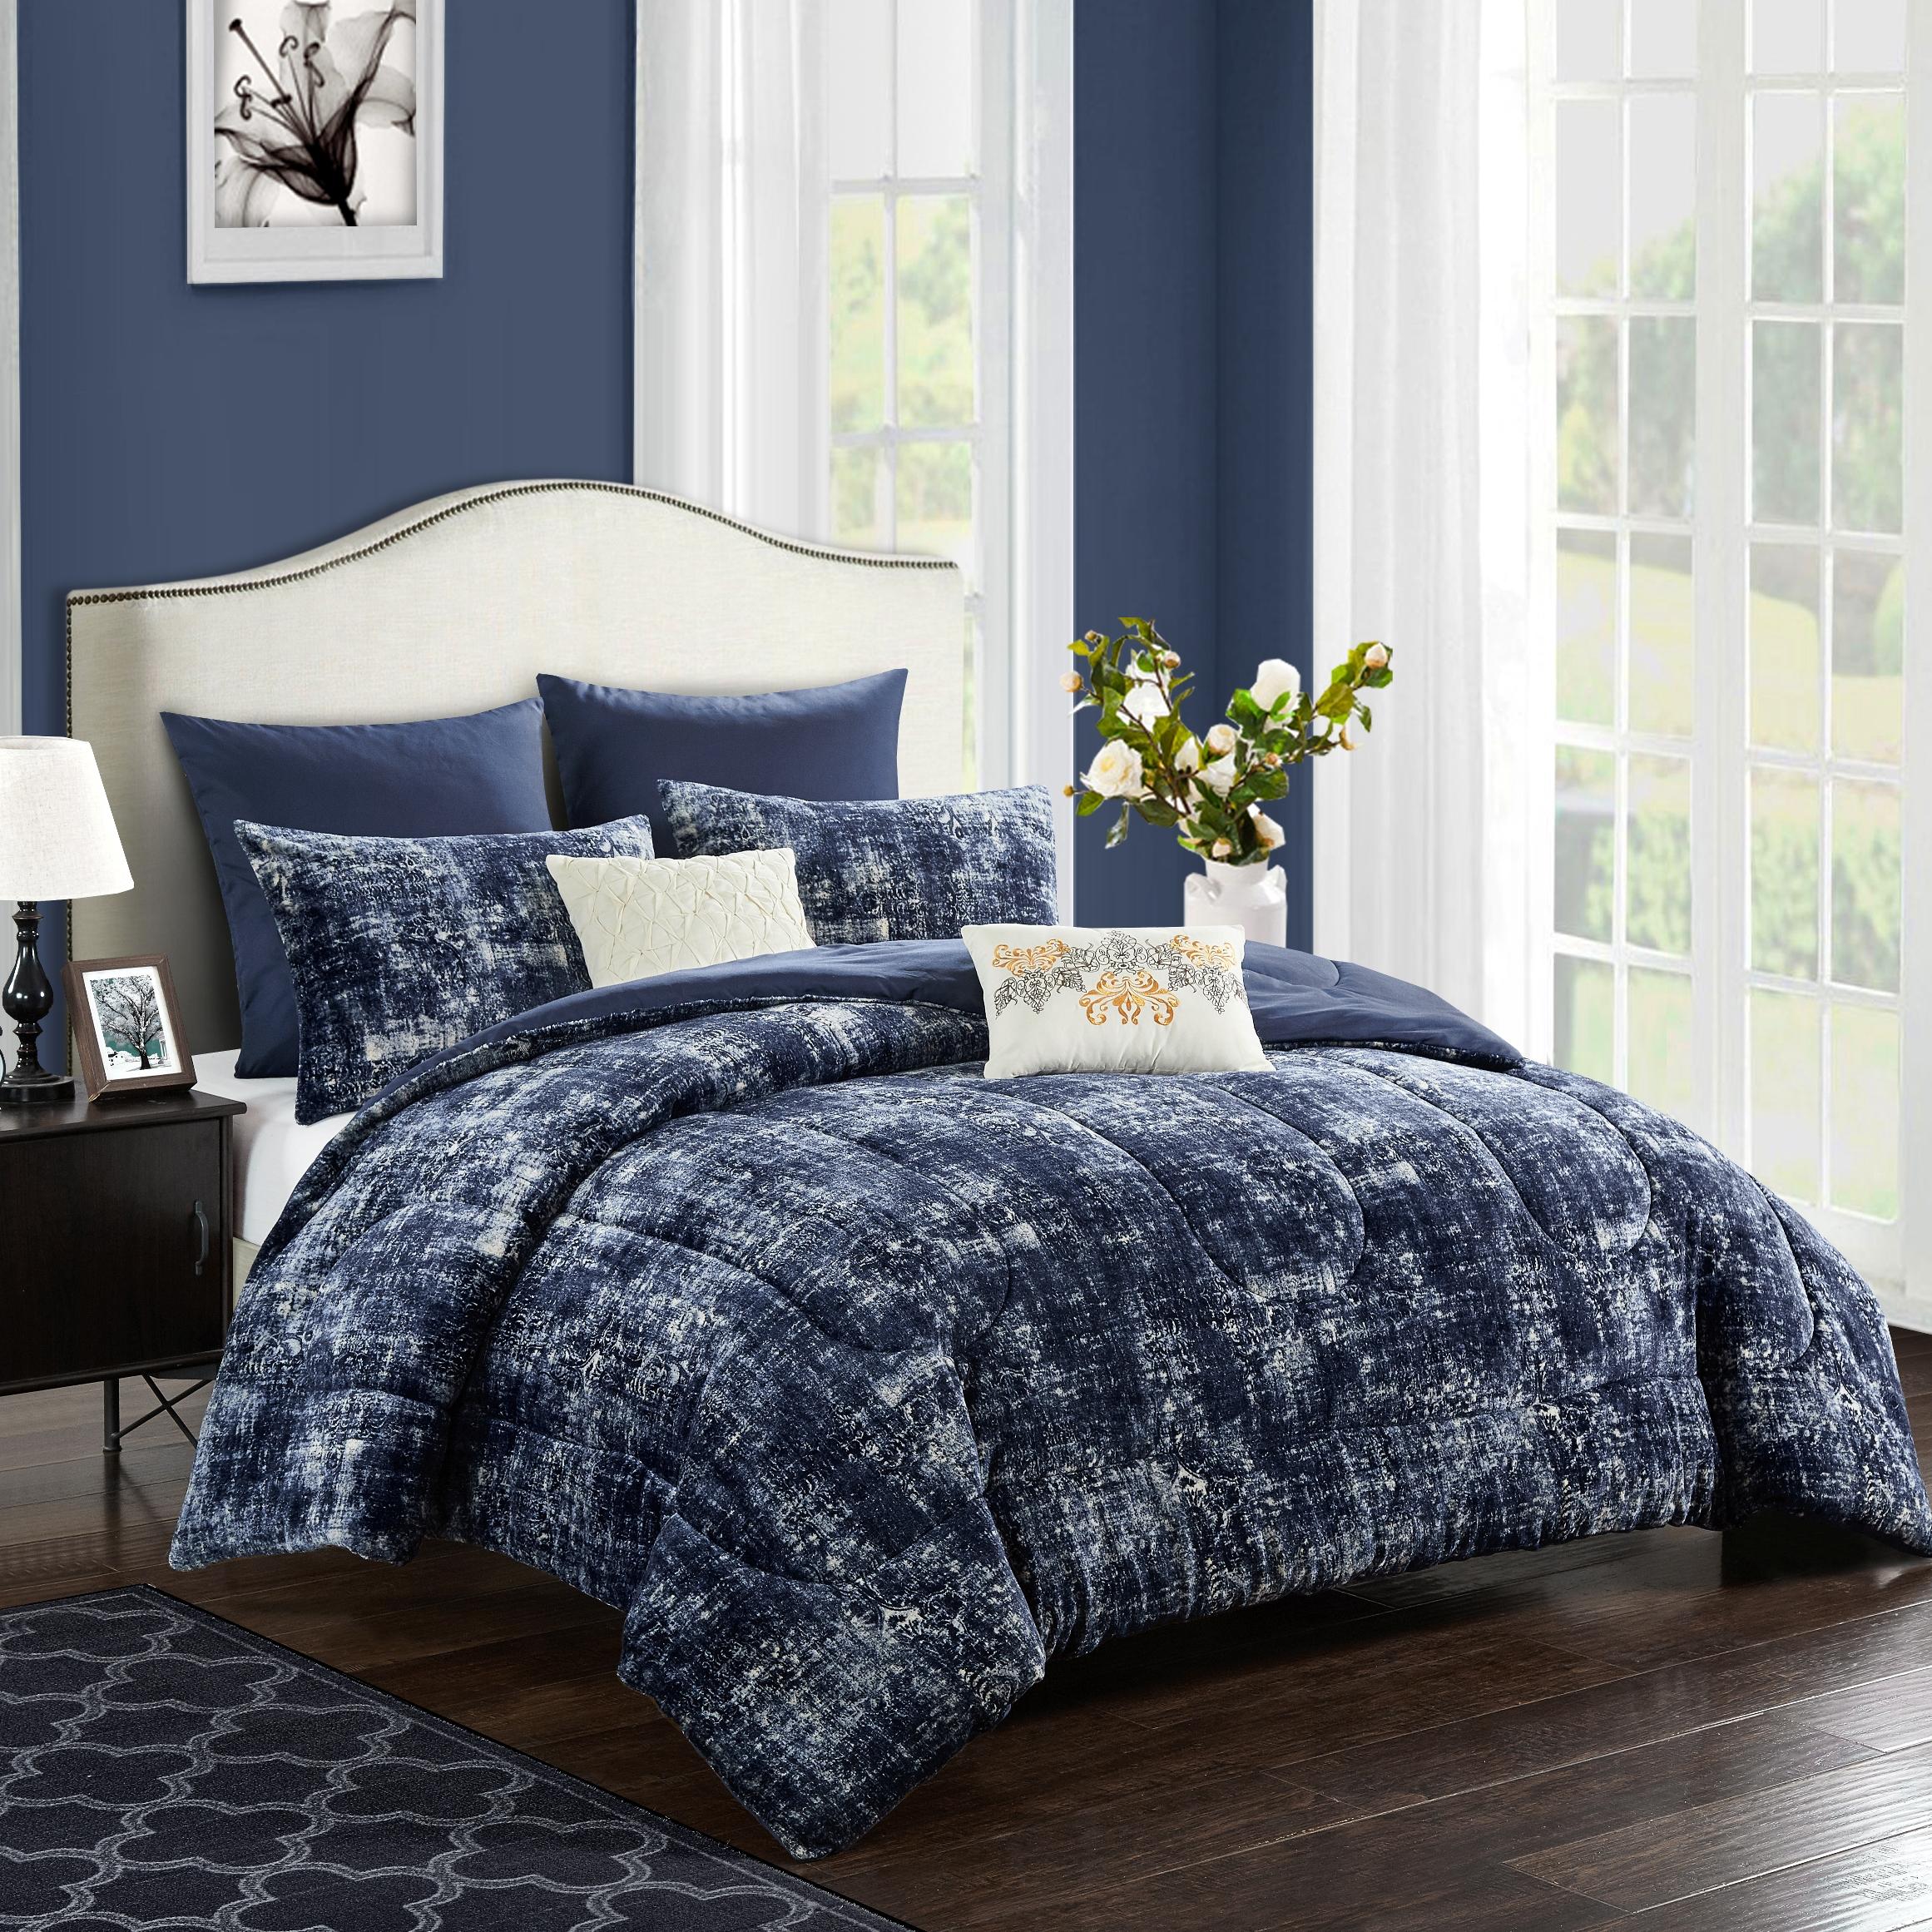 Better Homes & Gardens Delancy 7- Piece Comforter Set